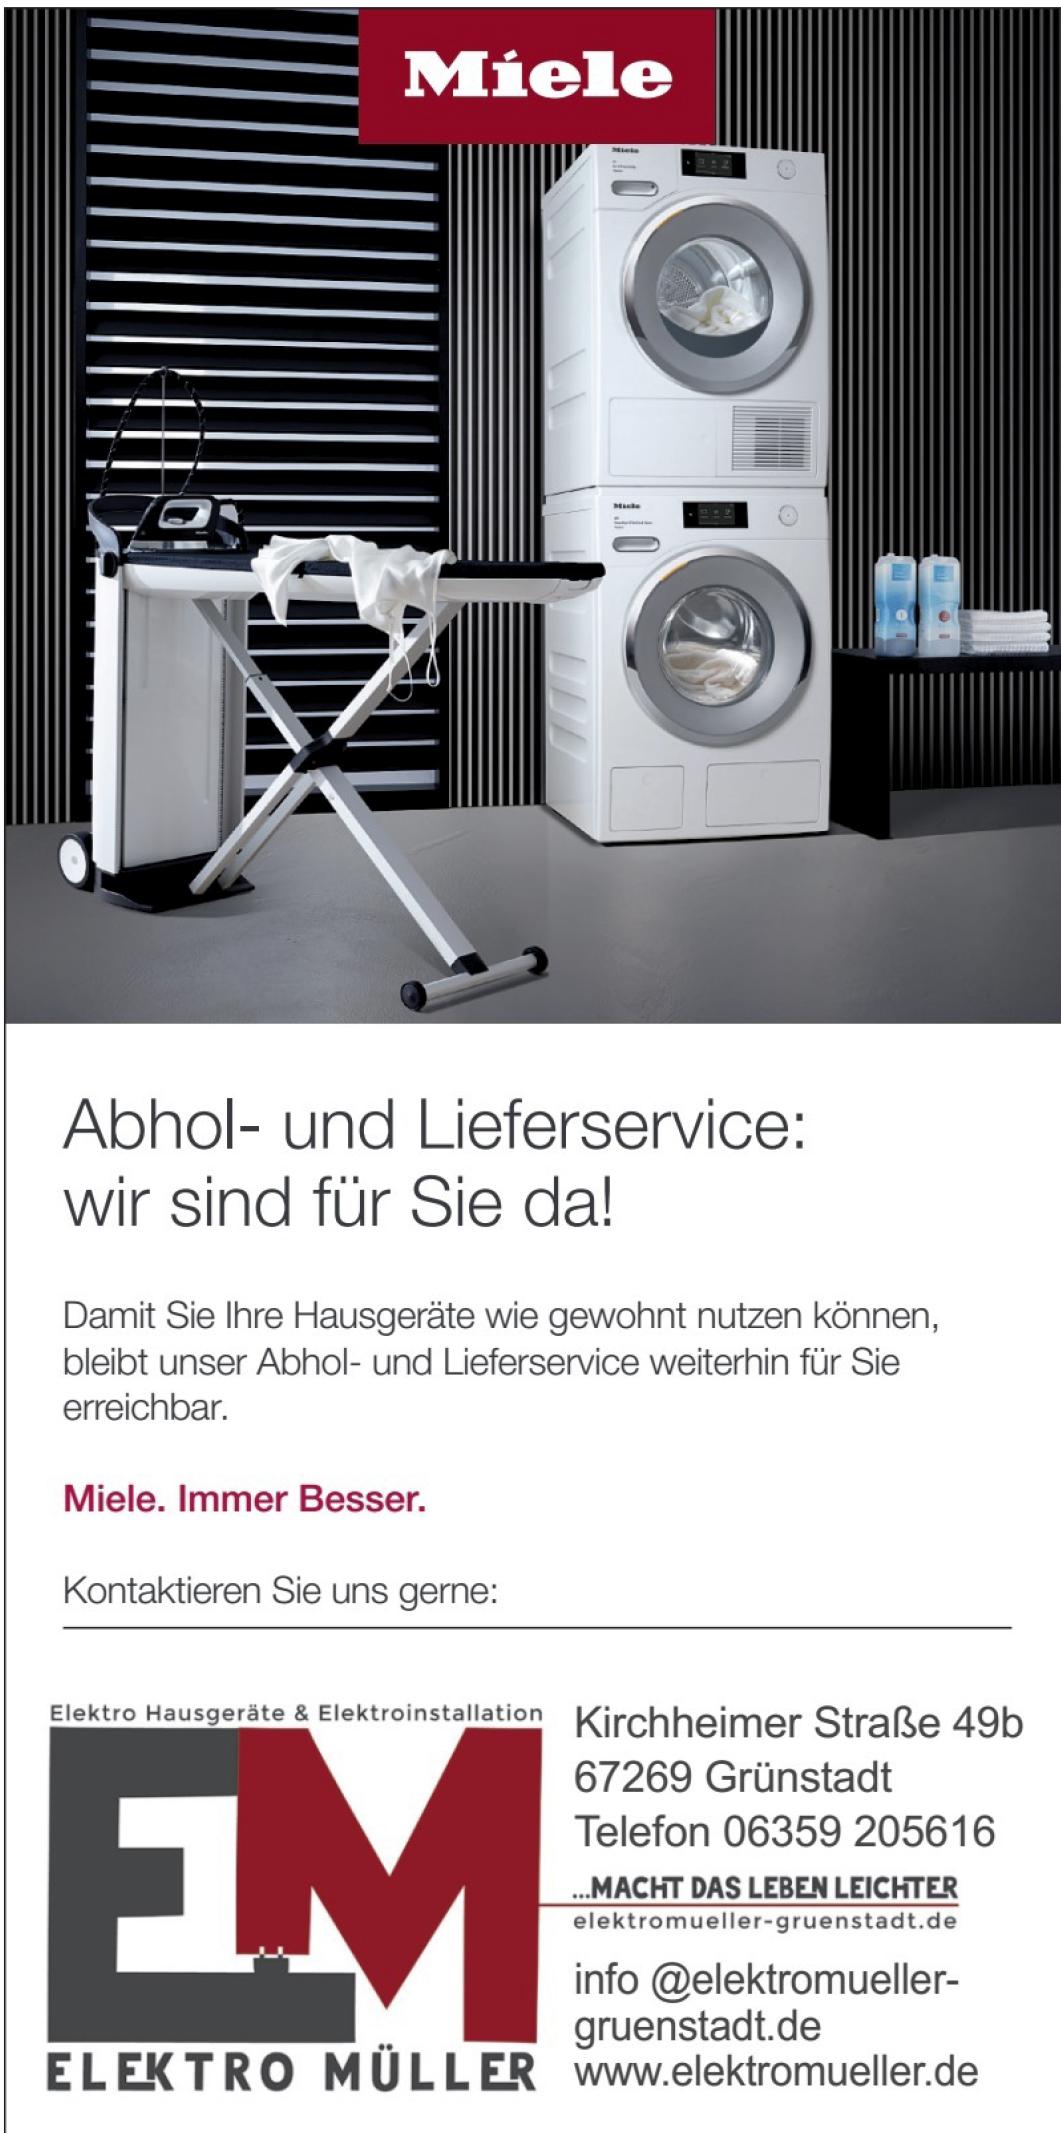 Abhol- und Lieferservice Elektro Müller